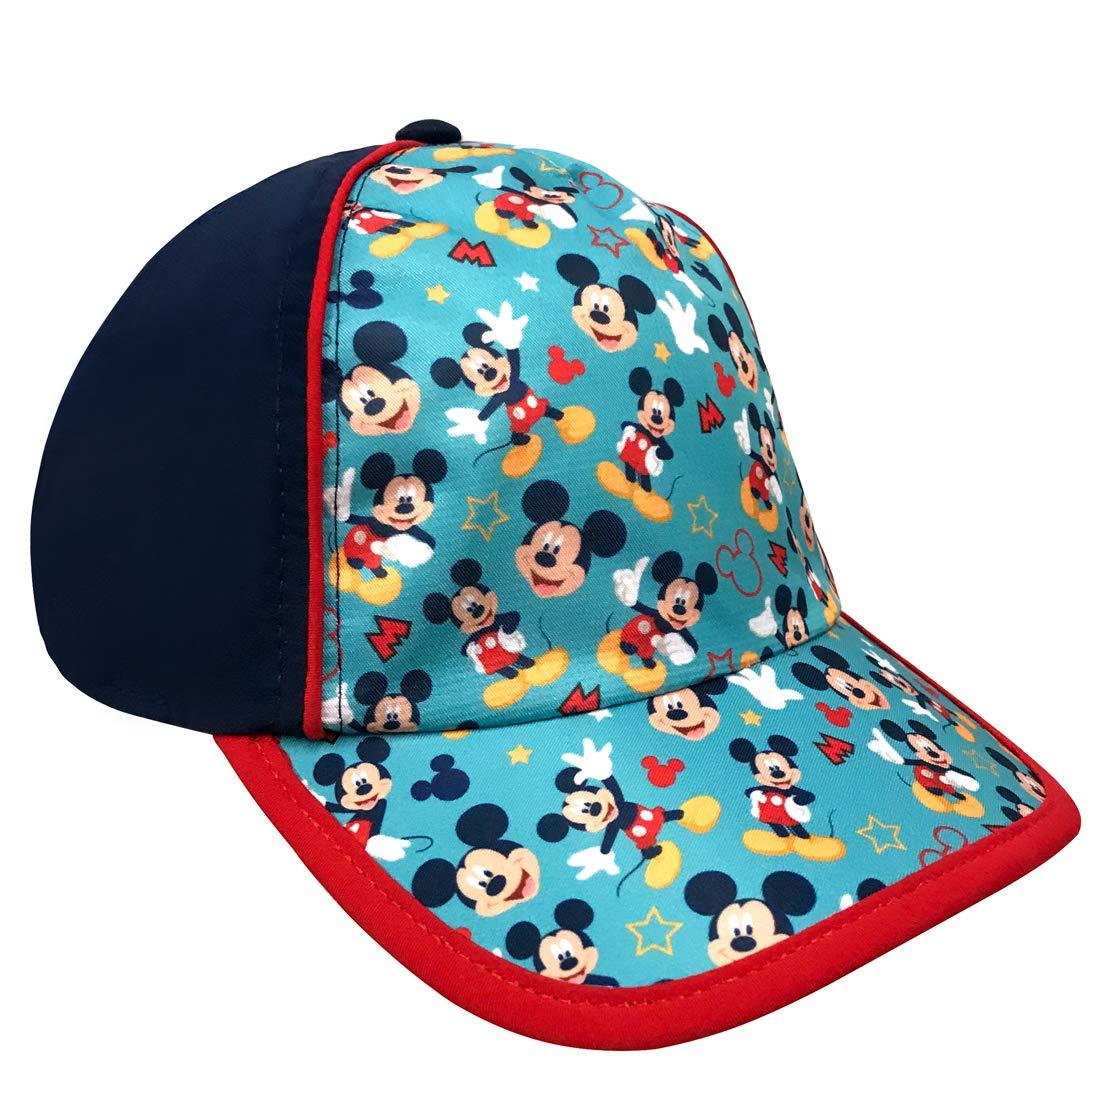 7bd27148dac486 Amazon.com: Disney Boys Mickey Mouse Baseball Cap, Age 4-7 - 100% Cotton:  Clothing